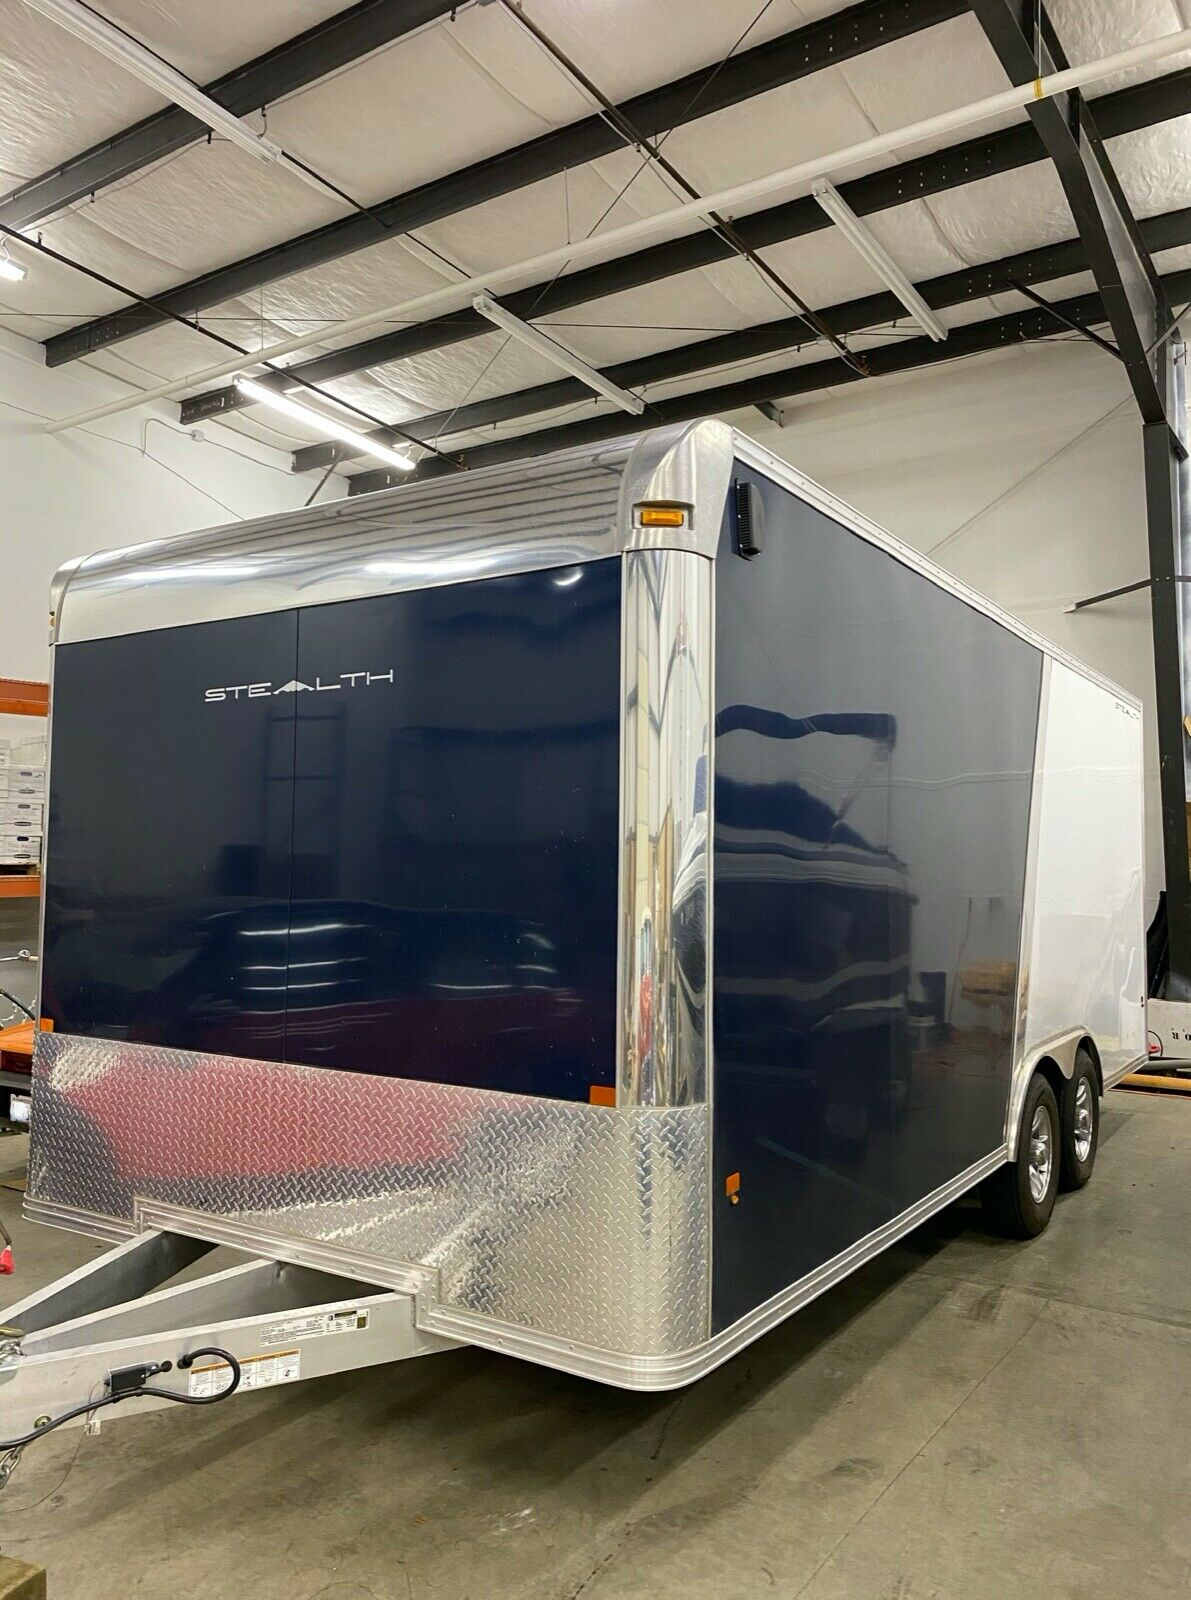 ALCOM-STEALTH ALUMINUM 8.5 X 20 Enclosed Car Hauler Cargo Trailer